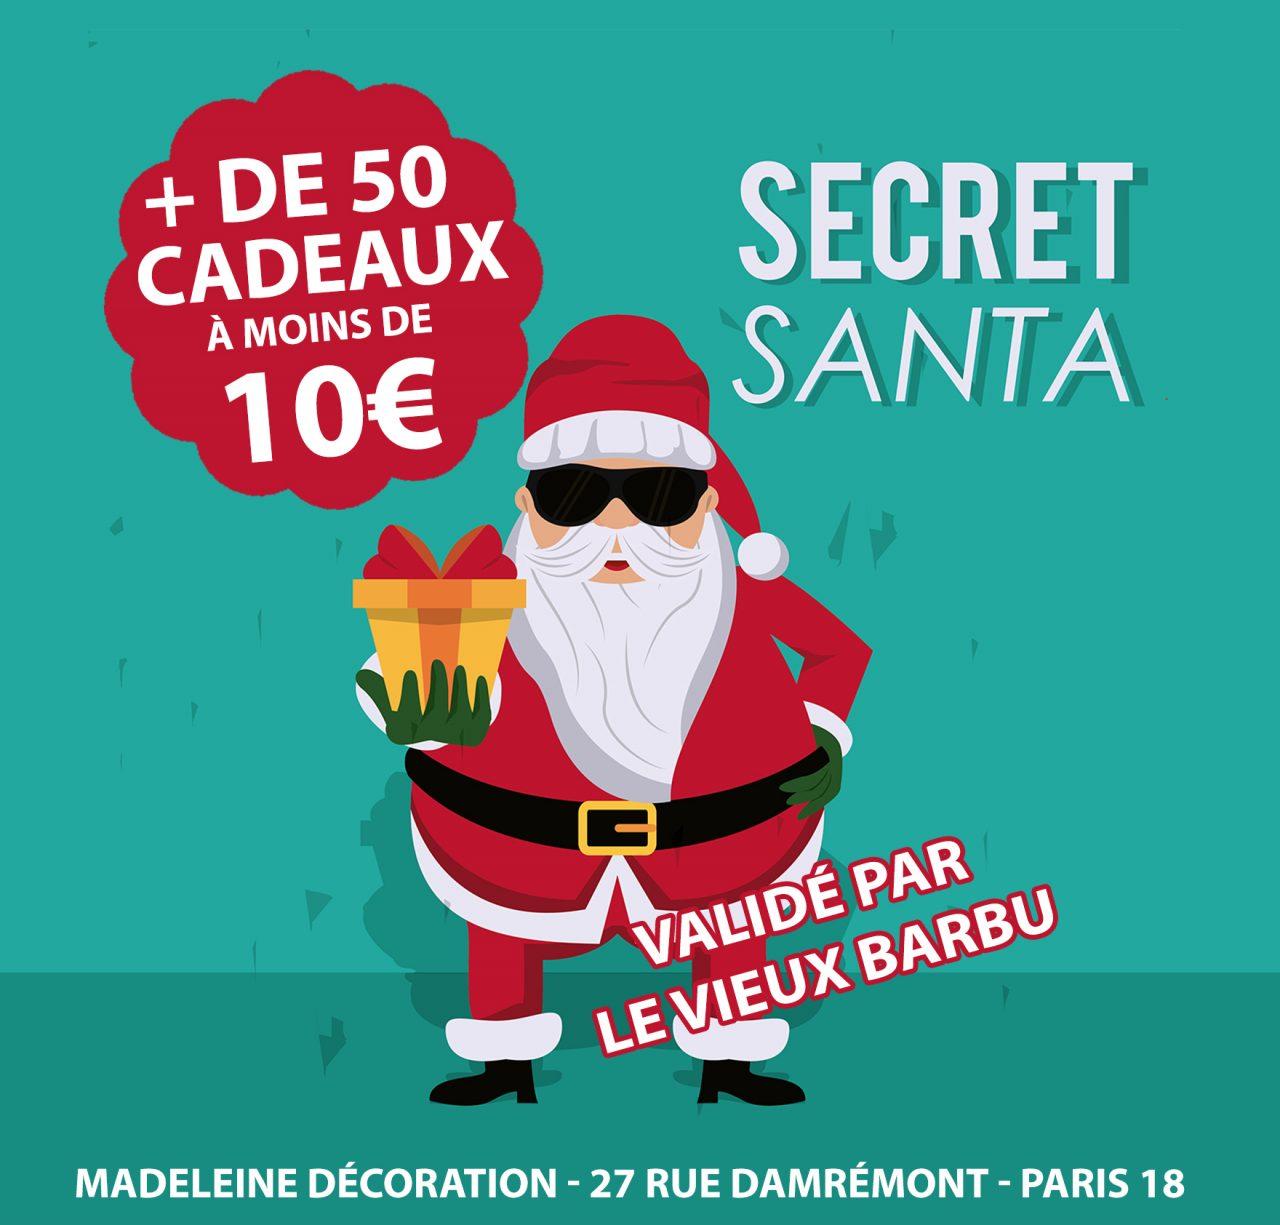 Sélection Secret Santa Madeleine Décoration : + de 50 cadeaux à moins de 10€